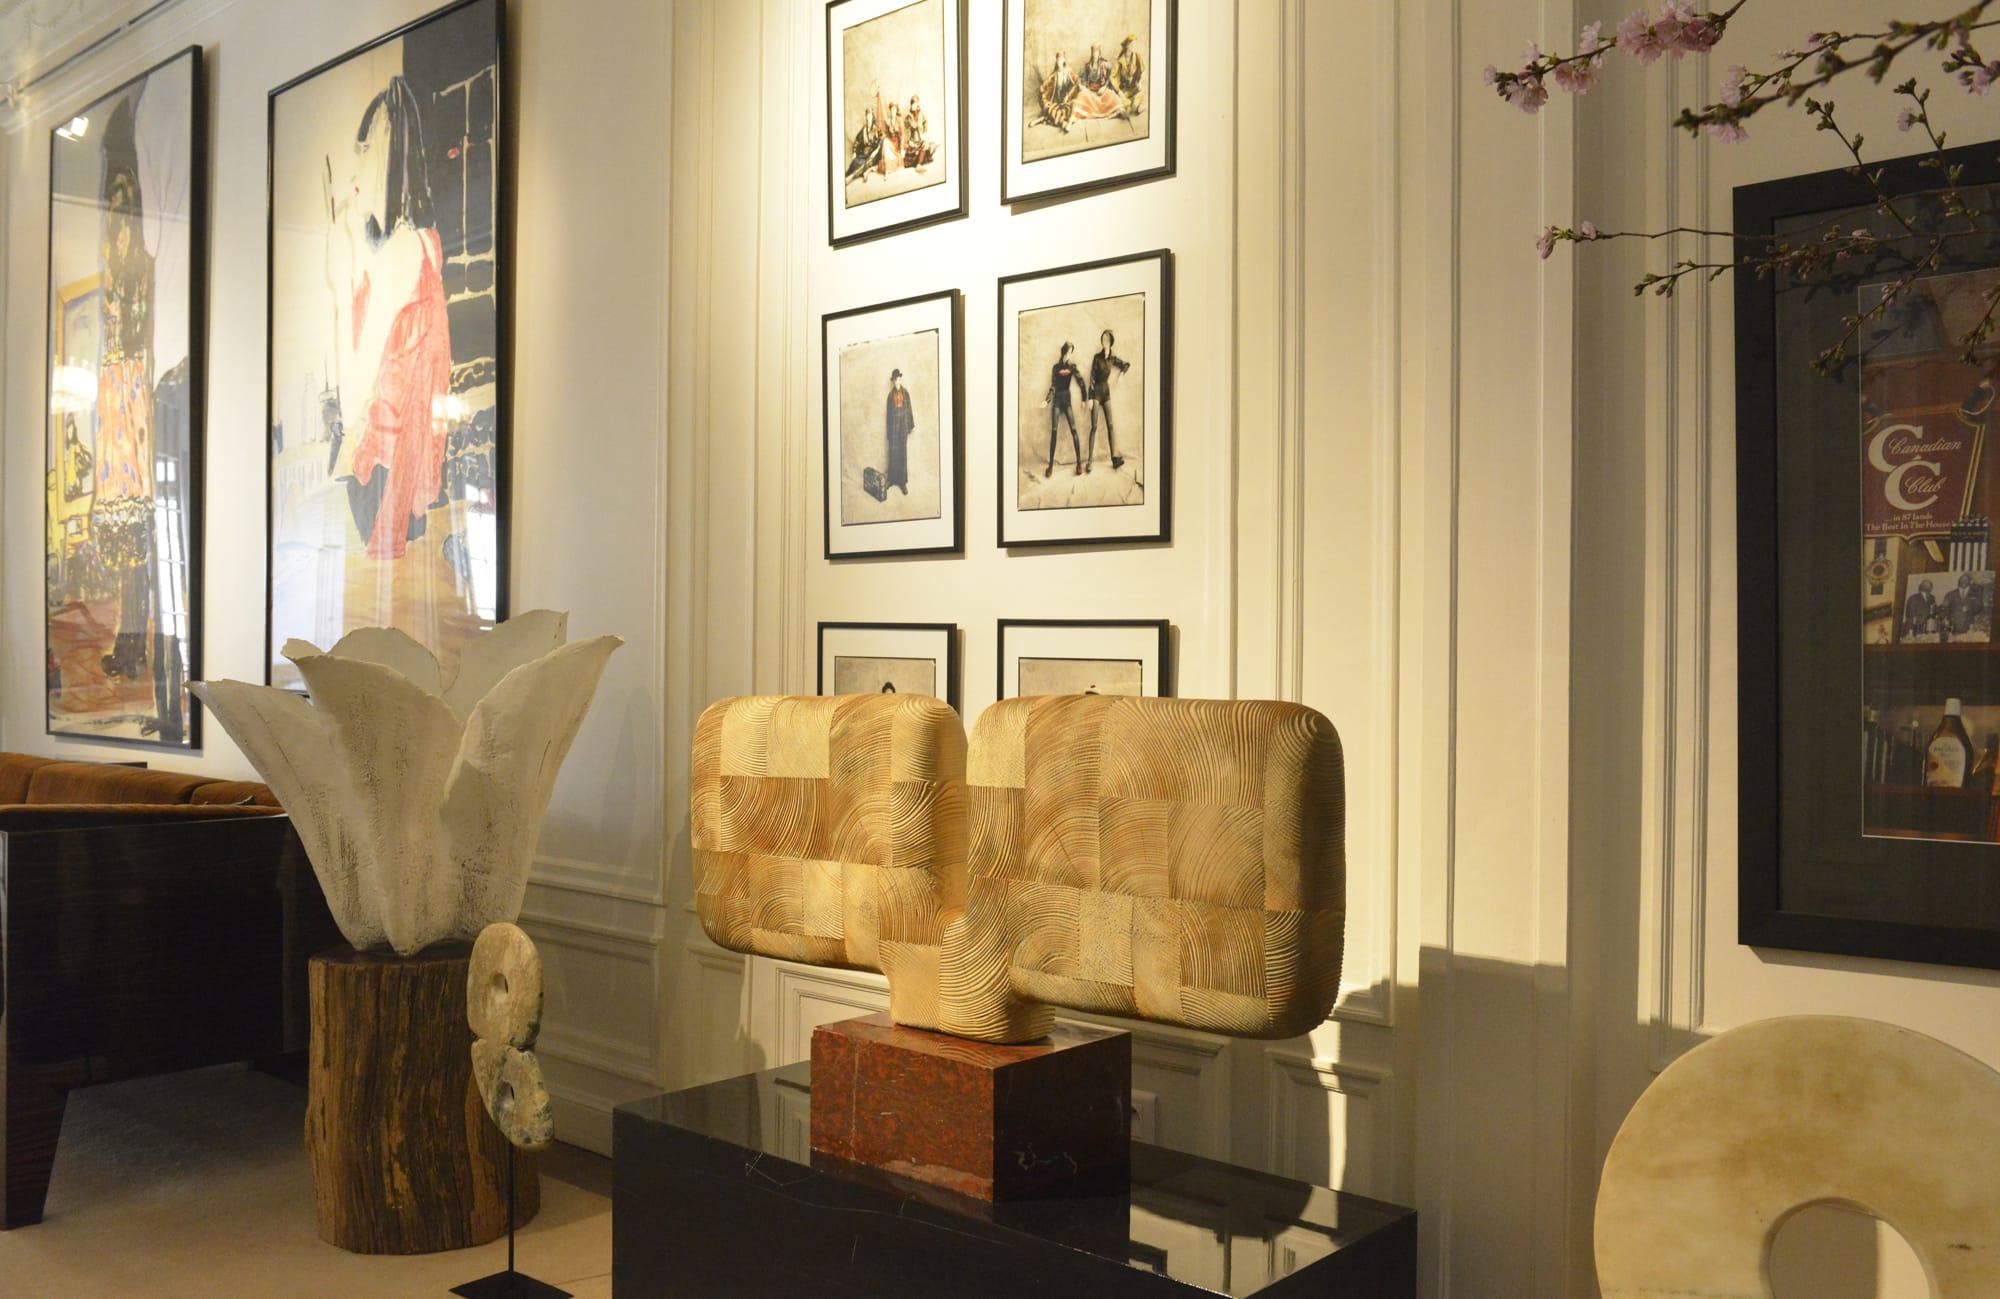 アトリエのデコレーション。絵画、オブジェ、彫刻など、髙田賢三の審美眼で選ばれた作品が調和する空間